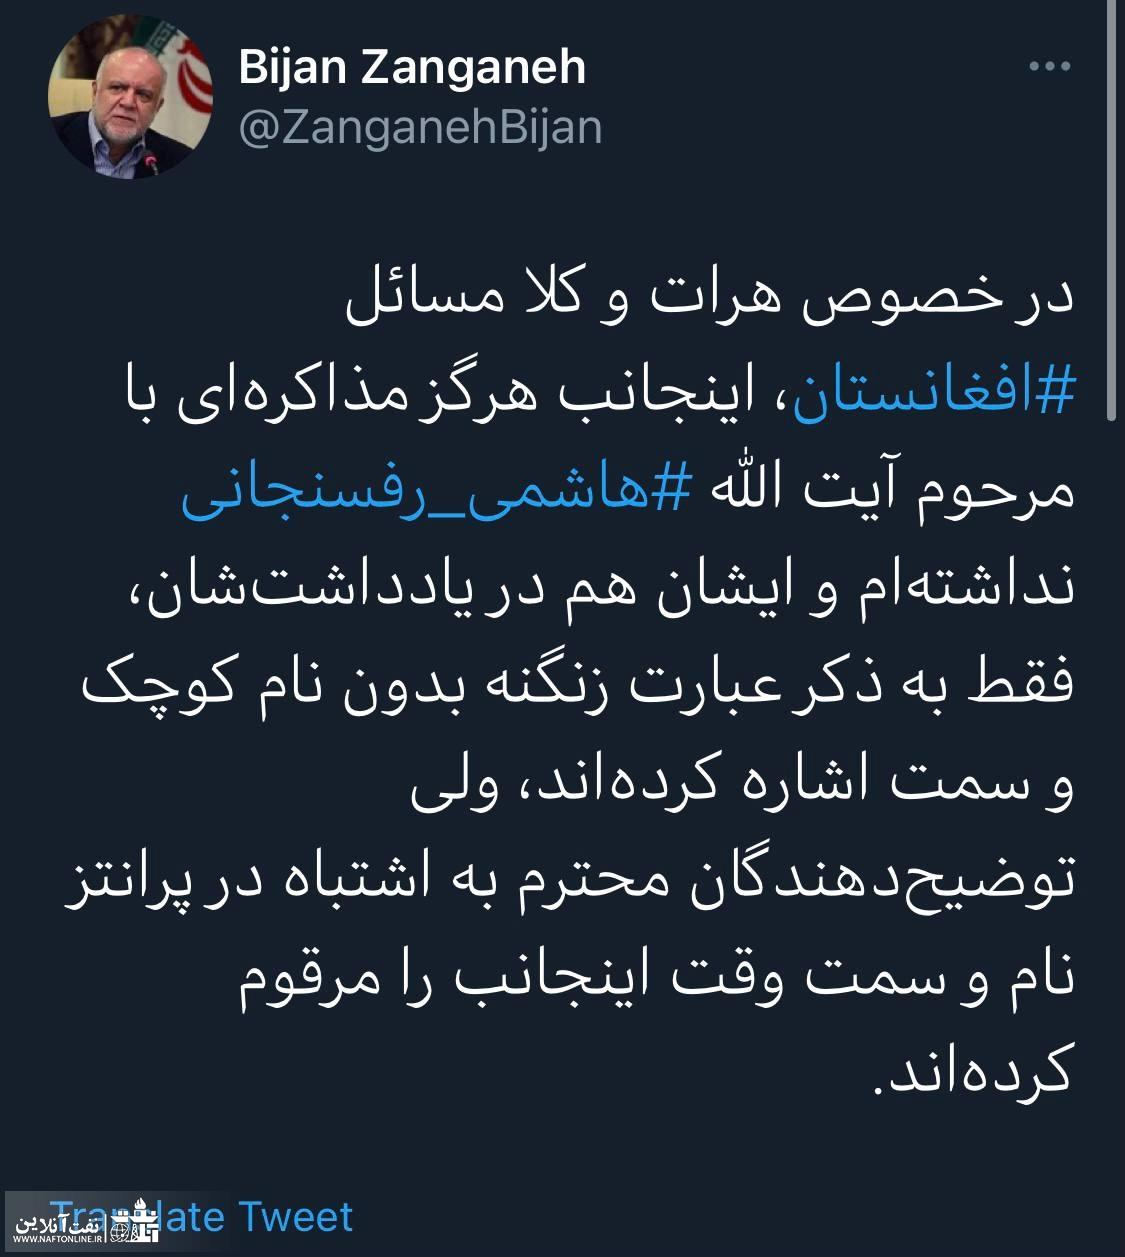 توییت نوشت | twitter | توییت بیژن نامدار زنگنه وزیر سابق نفت